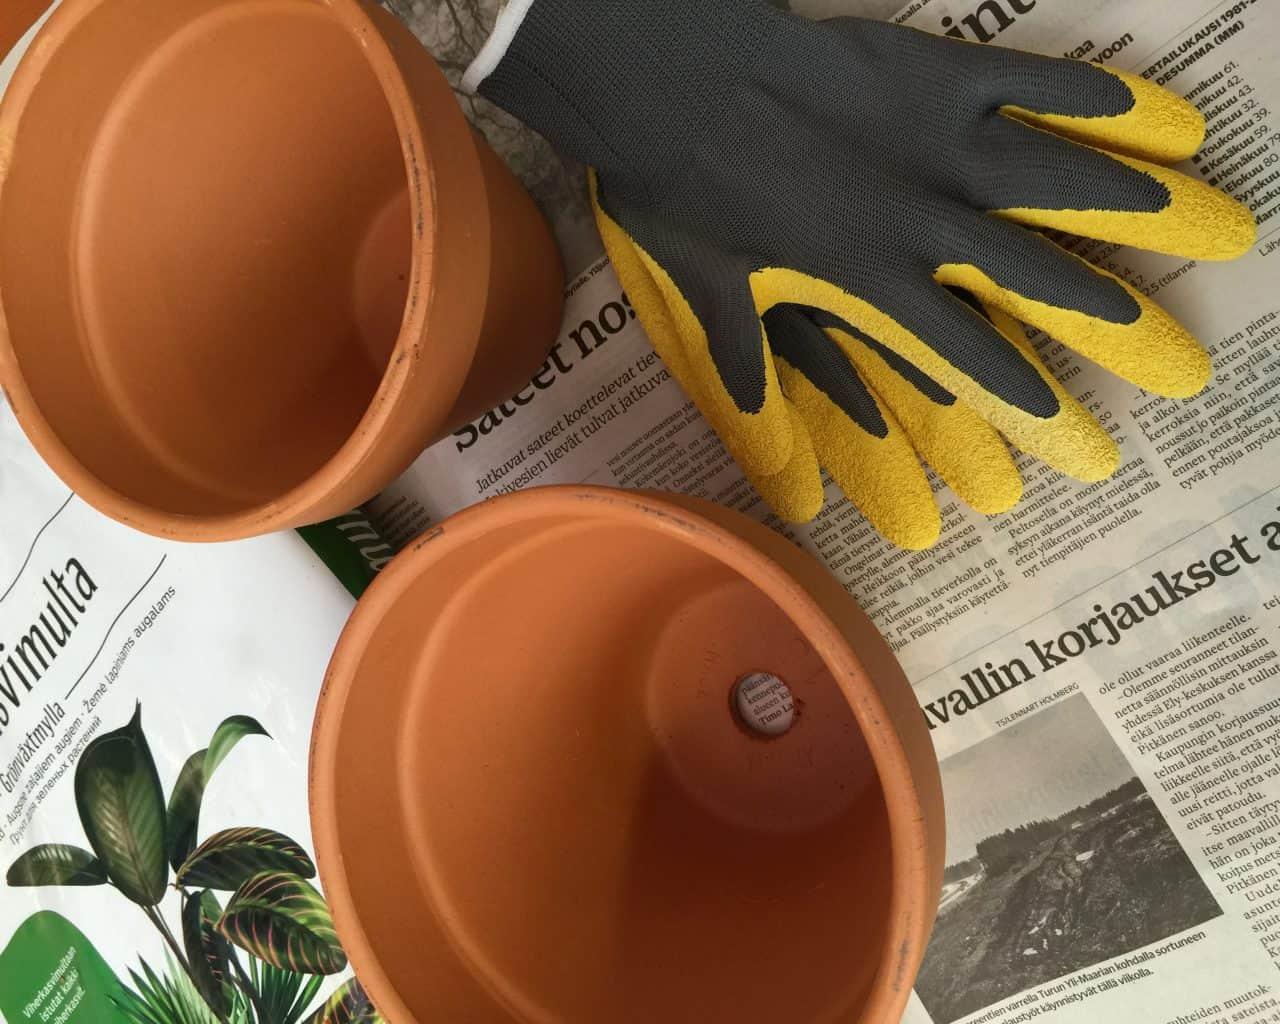 Varaa mullanvaihtoon vaikka sanomalehteä suojaksi, uusi hieman suurempi ruukku, viherkasvimultaa tai kukkamultaa ja hanskat